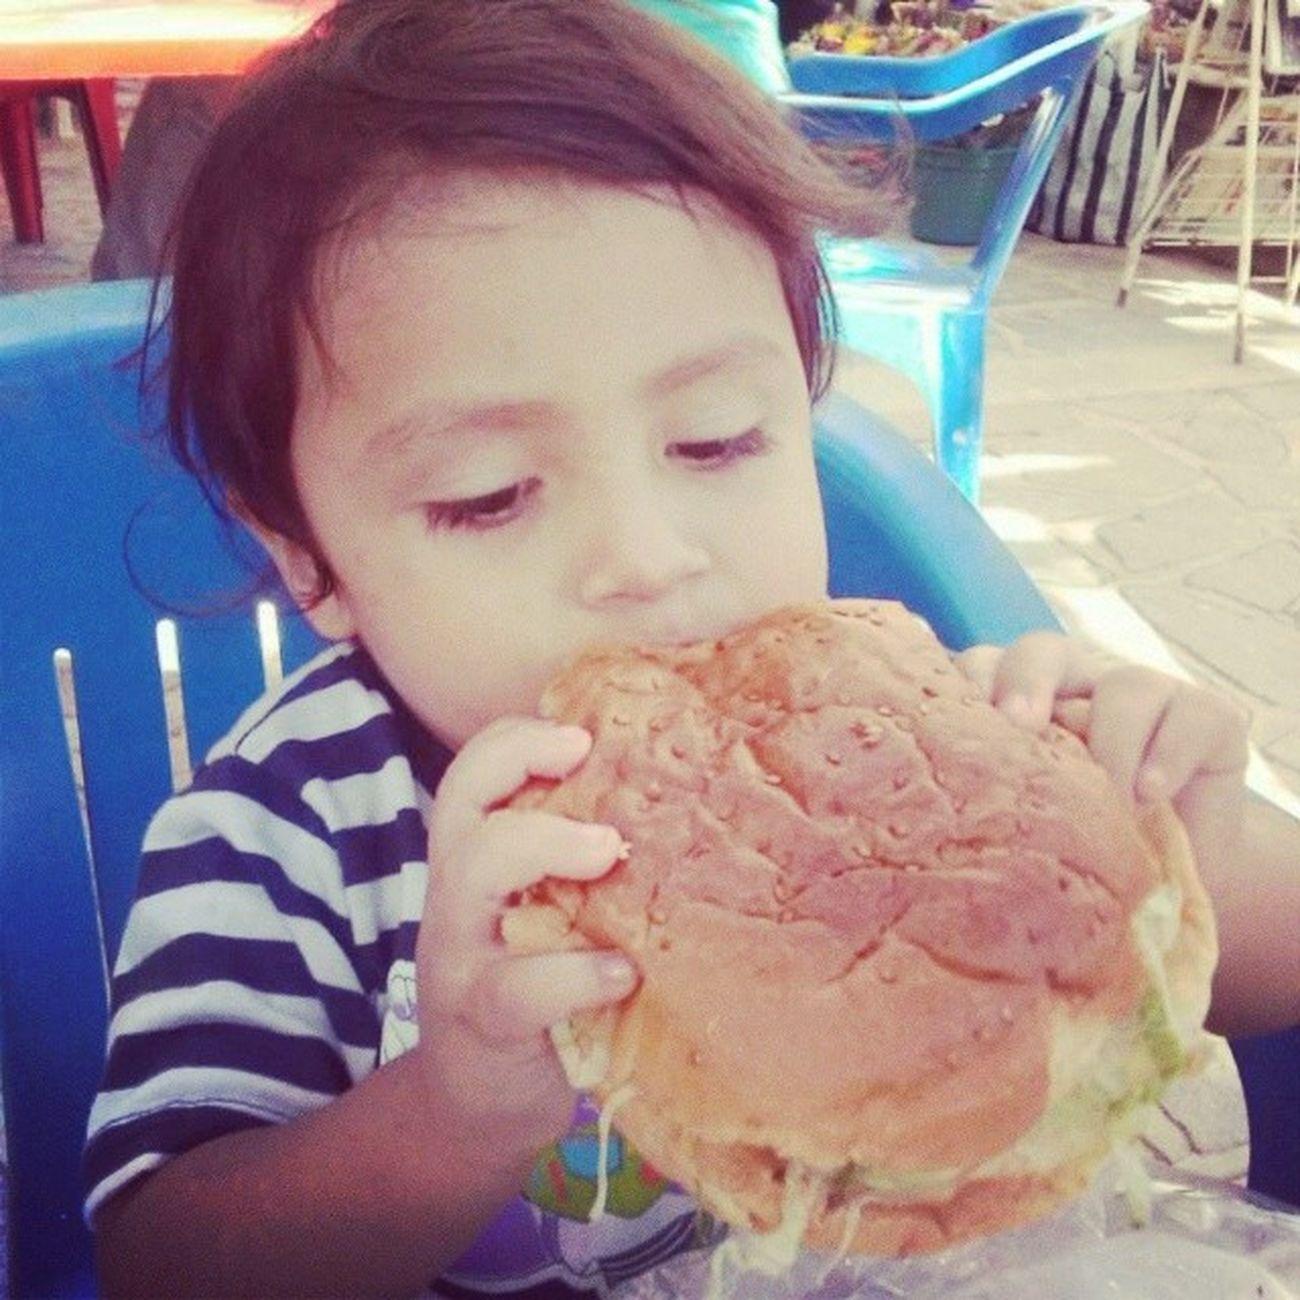 Pobrecito no le dan de comer:$ Sobrino Tragoncito